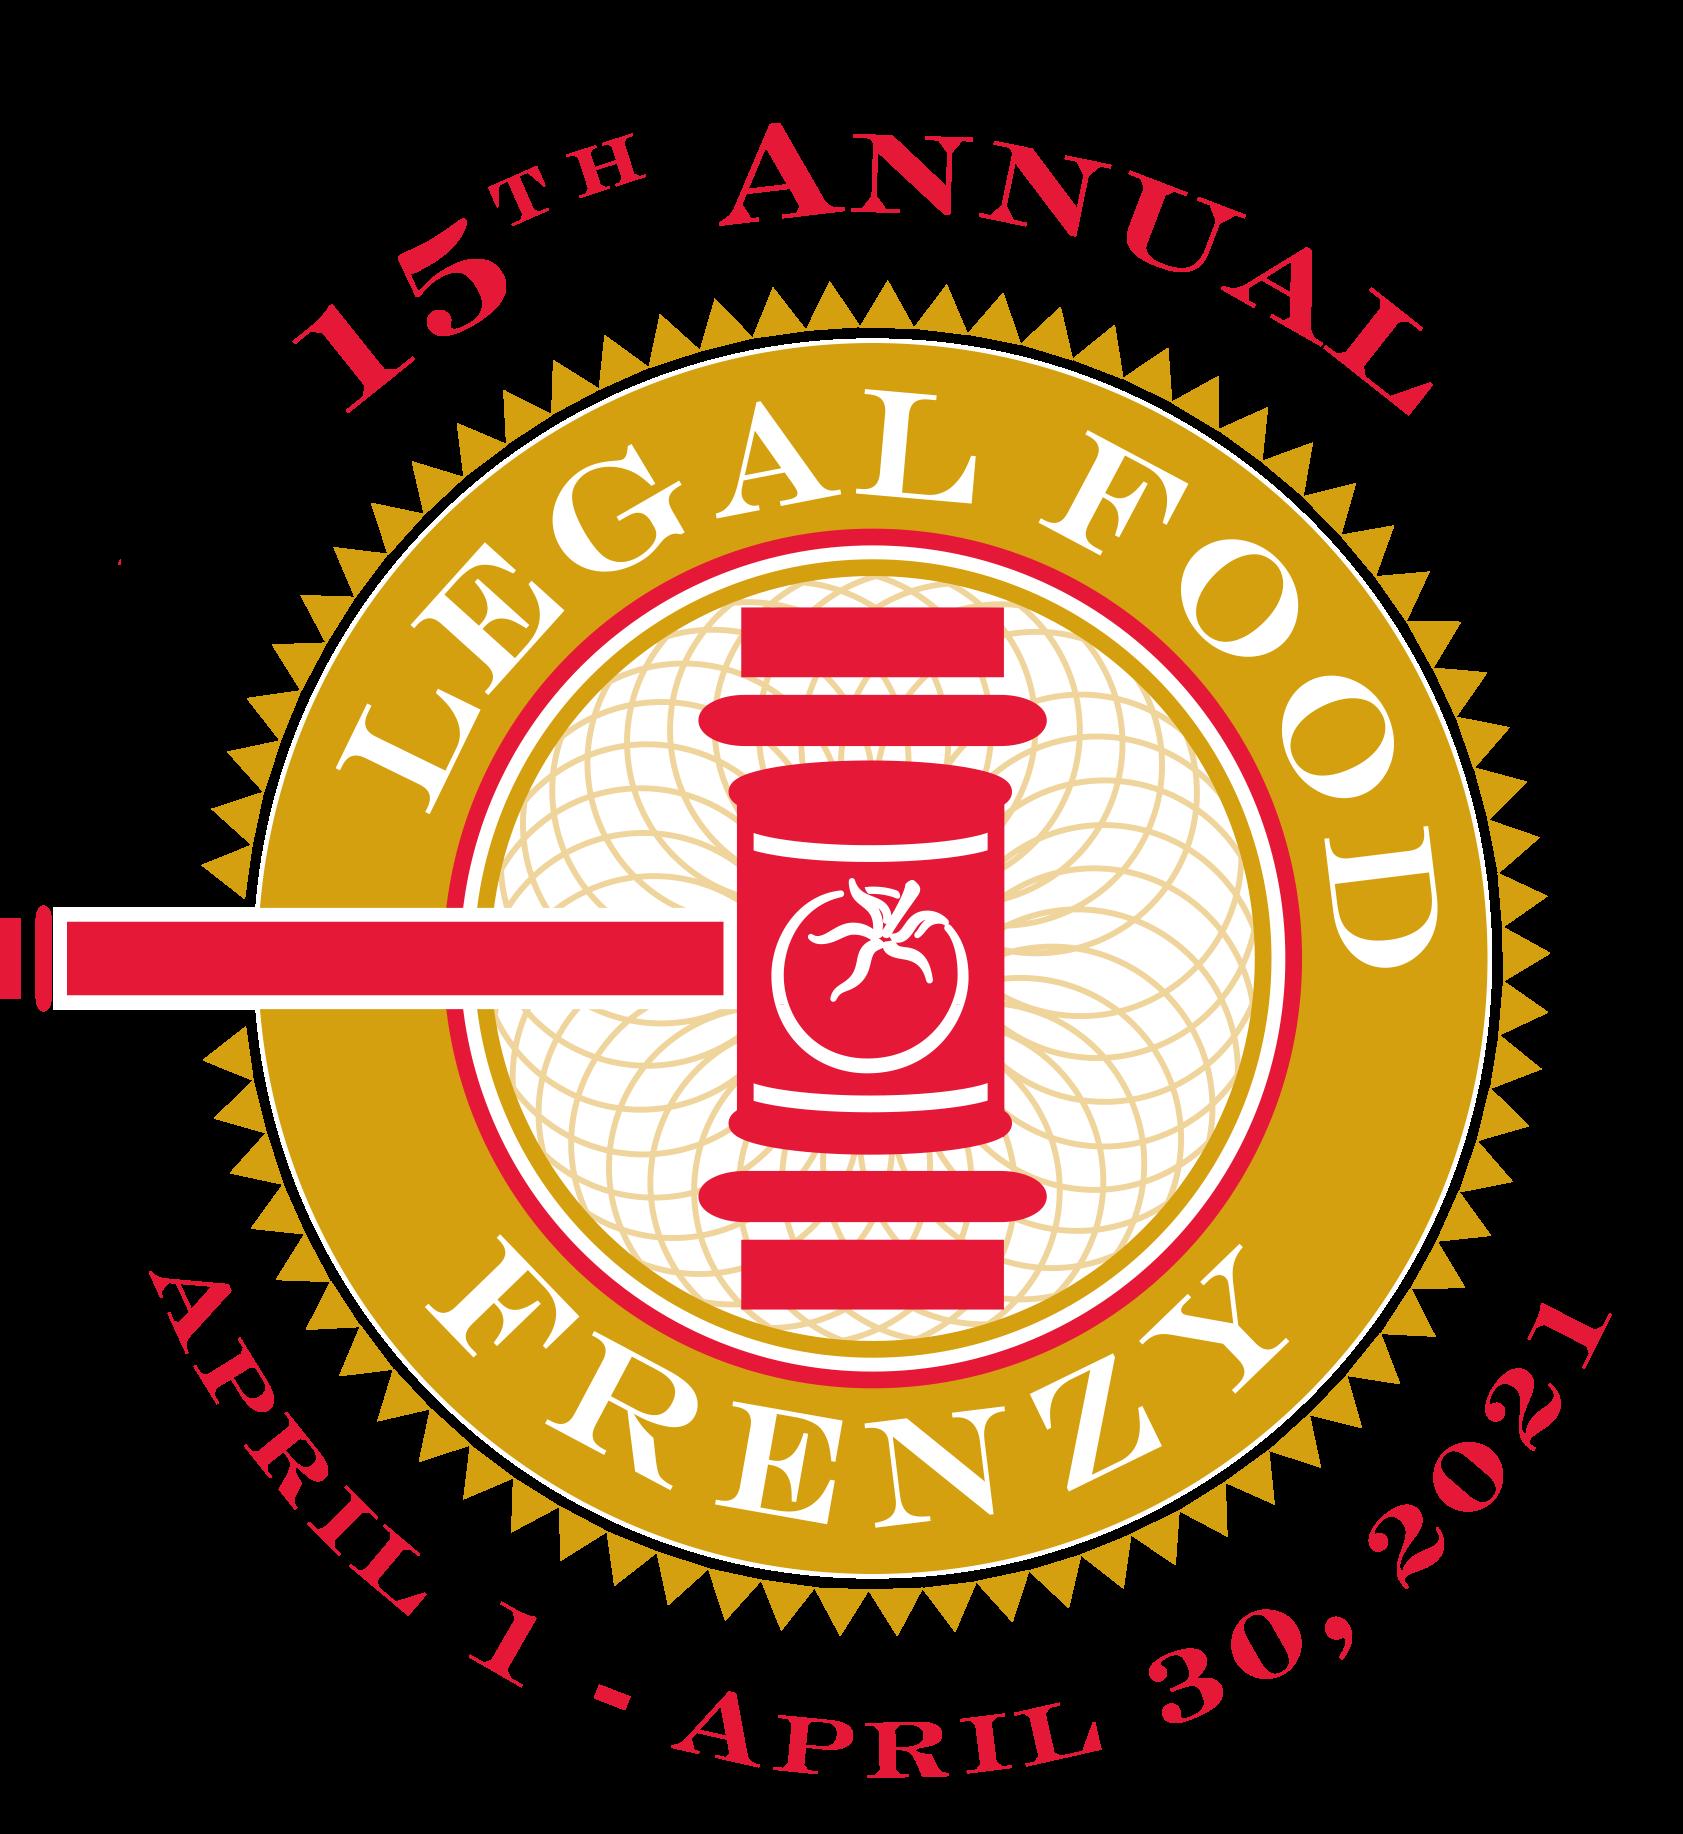 2021 Legal Food Frenzy logo